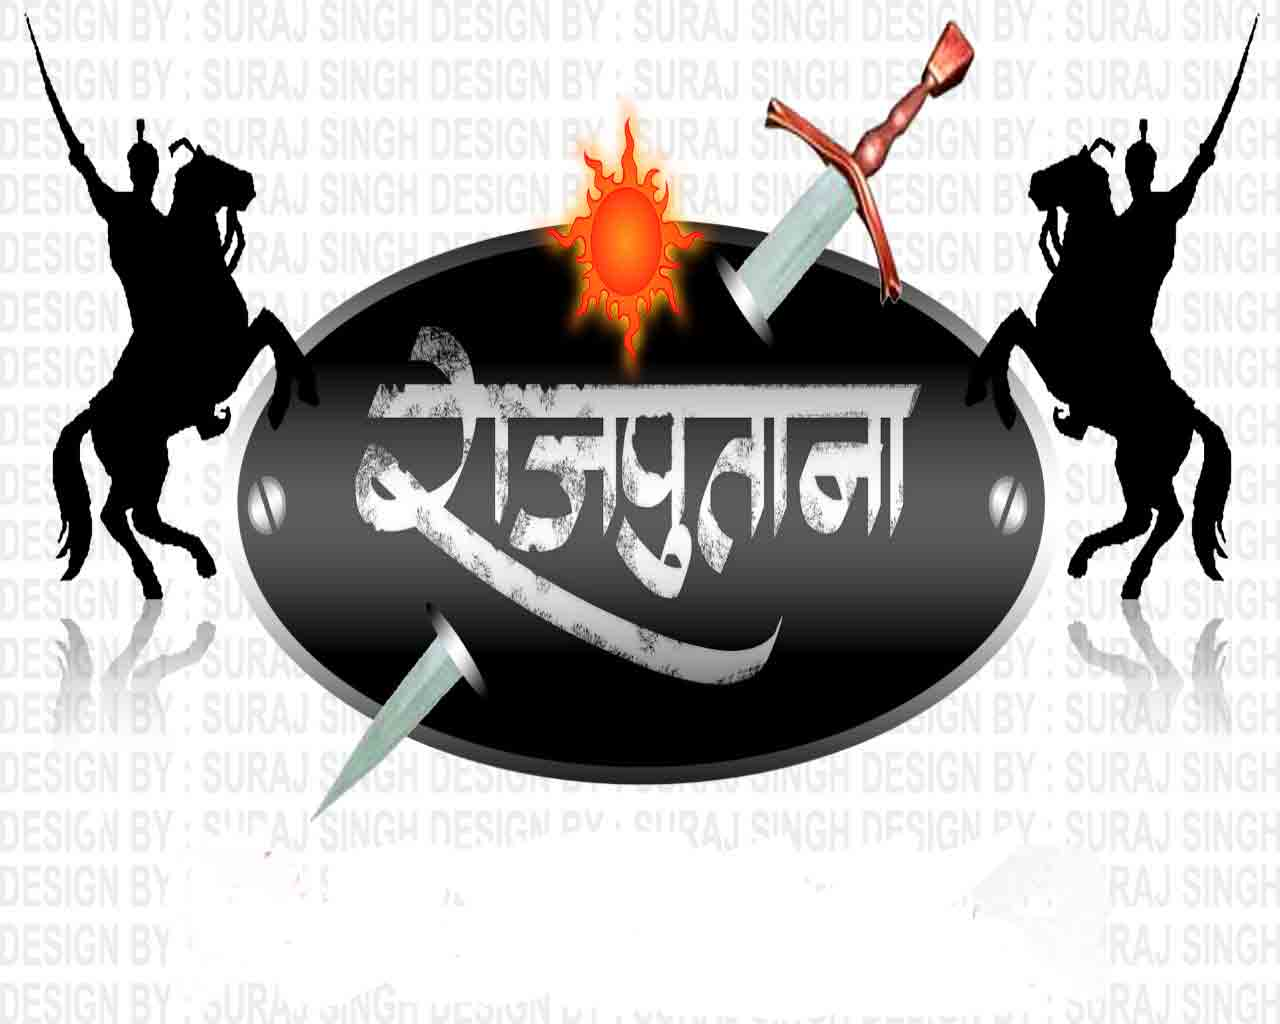 Rajput Whatsapp Dp Images wallpaper hd